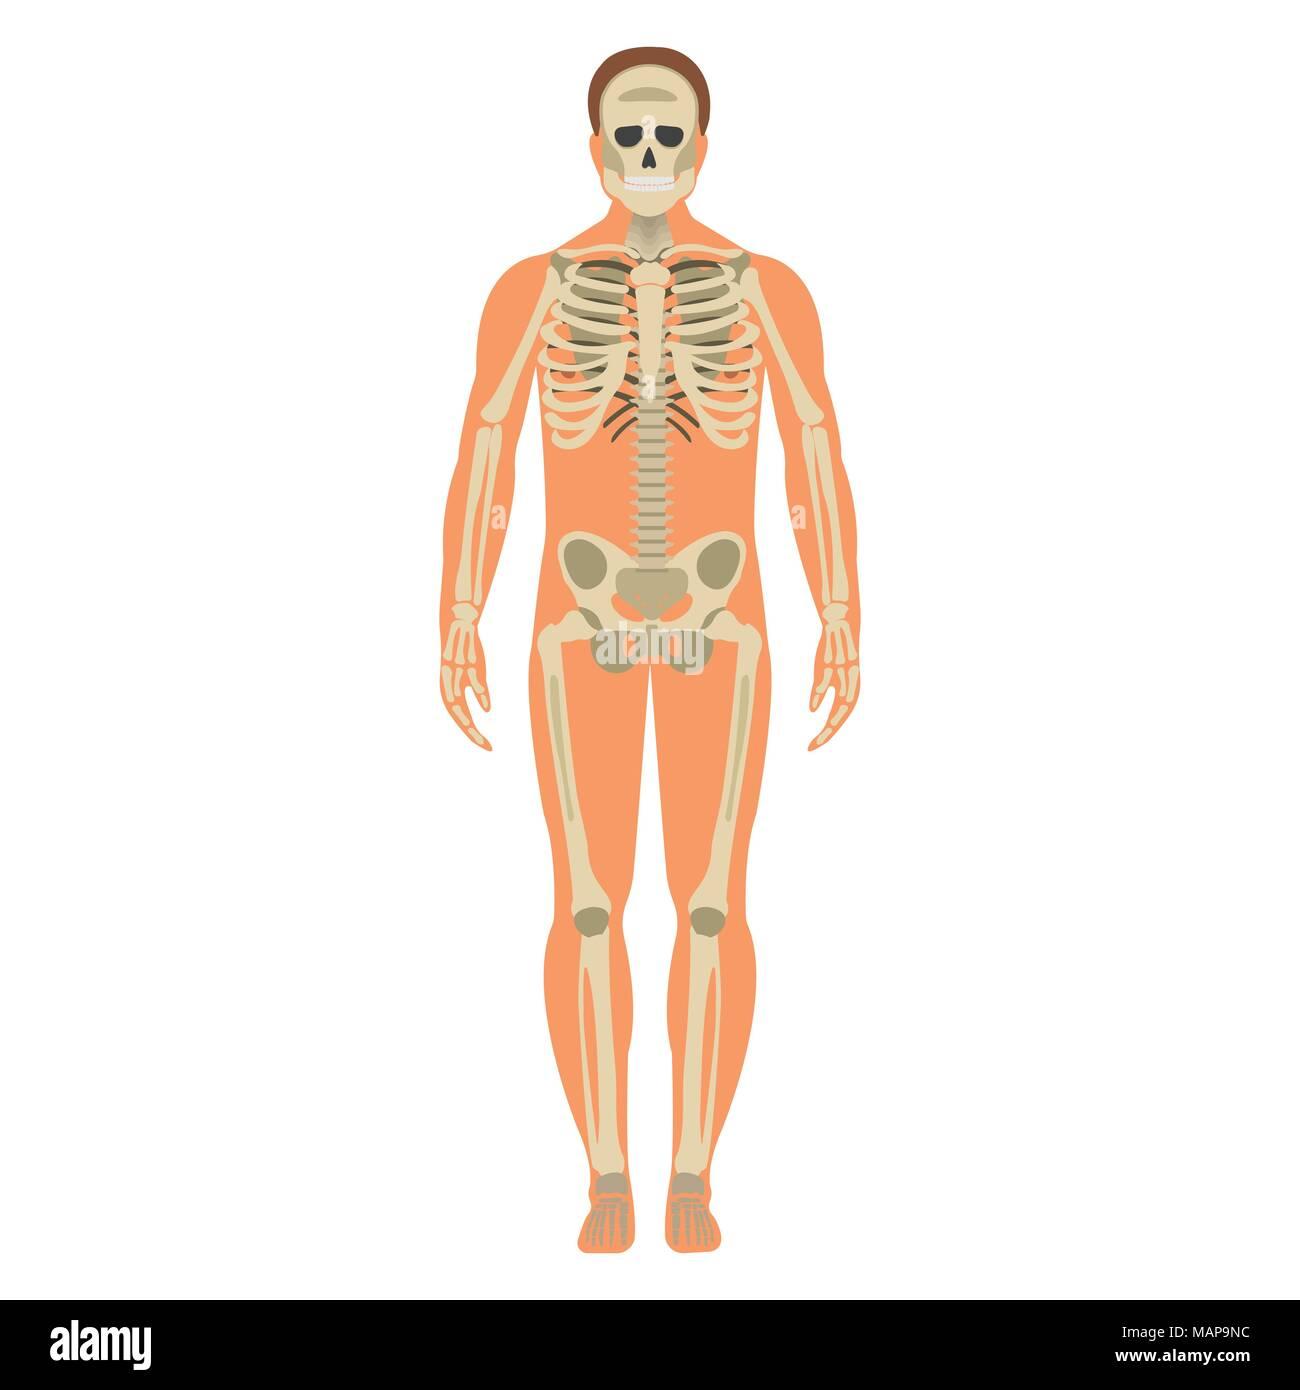 Schön Menschliches Körpersystem Quiz Galerie - Menschliche Anatomie ...